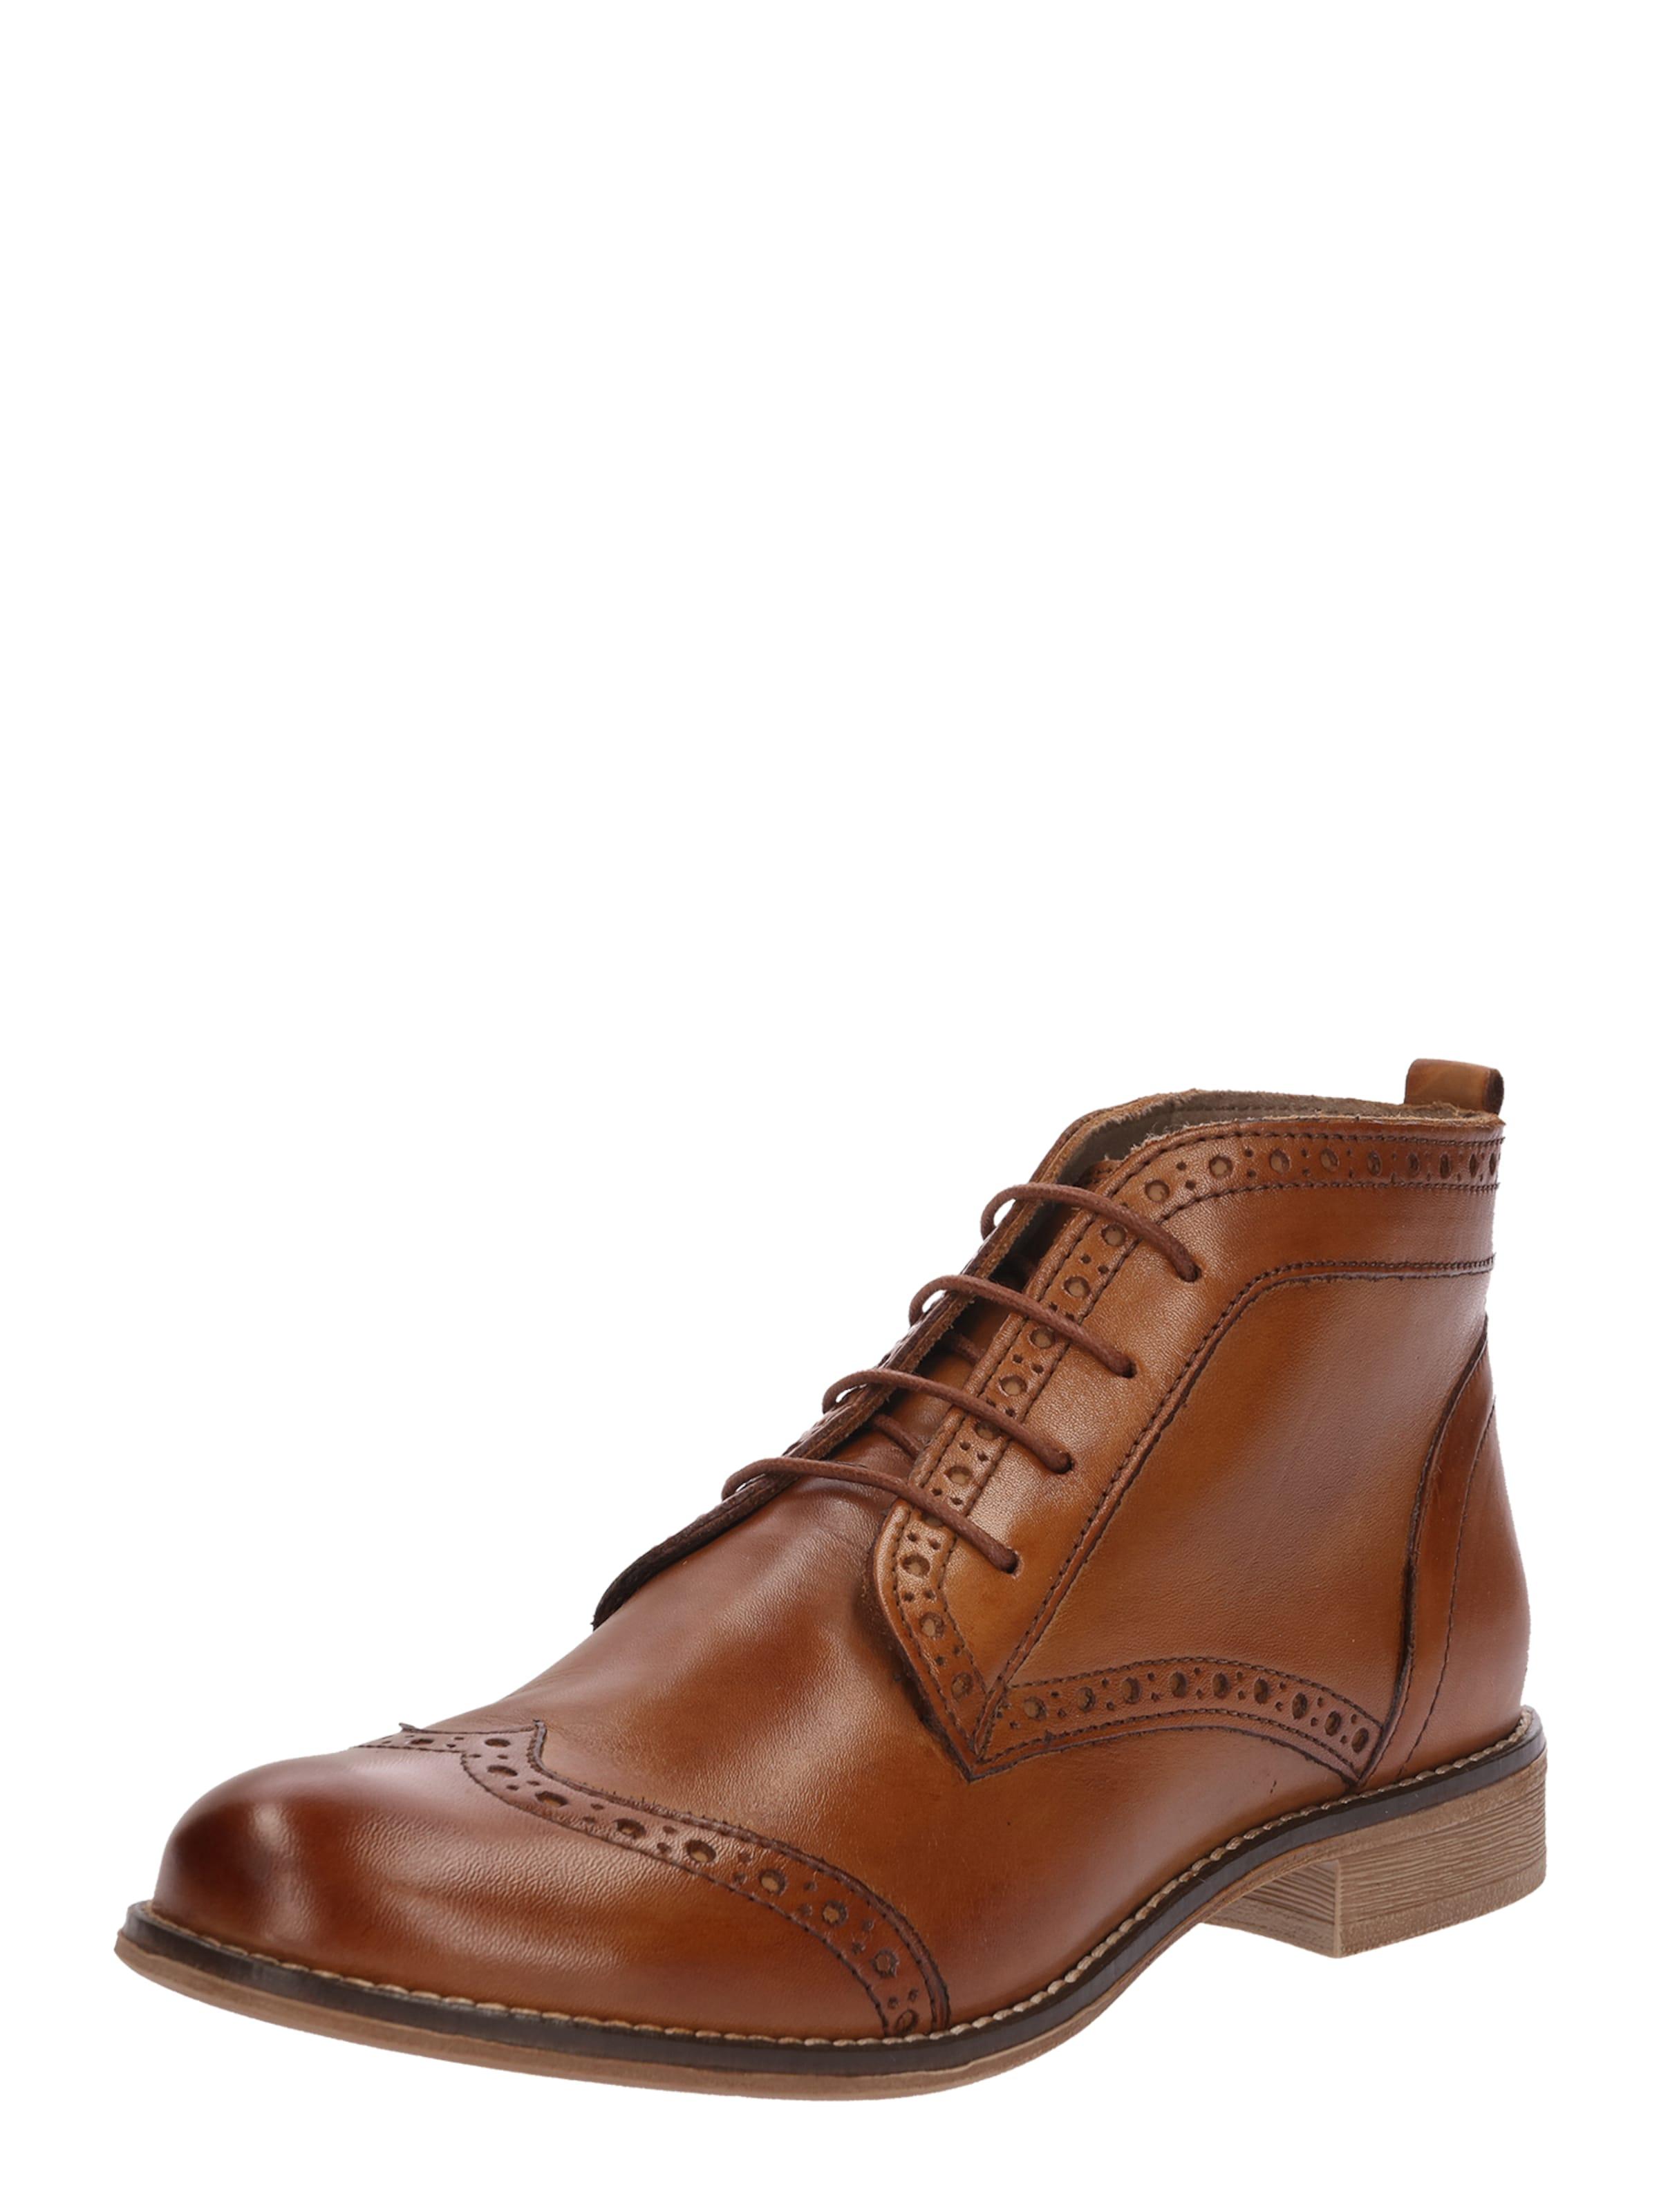 Pier One Schnürer Verschleißfeste billige Schuhe